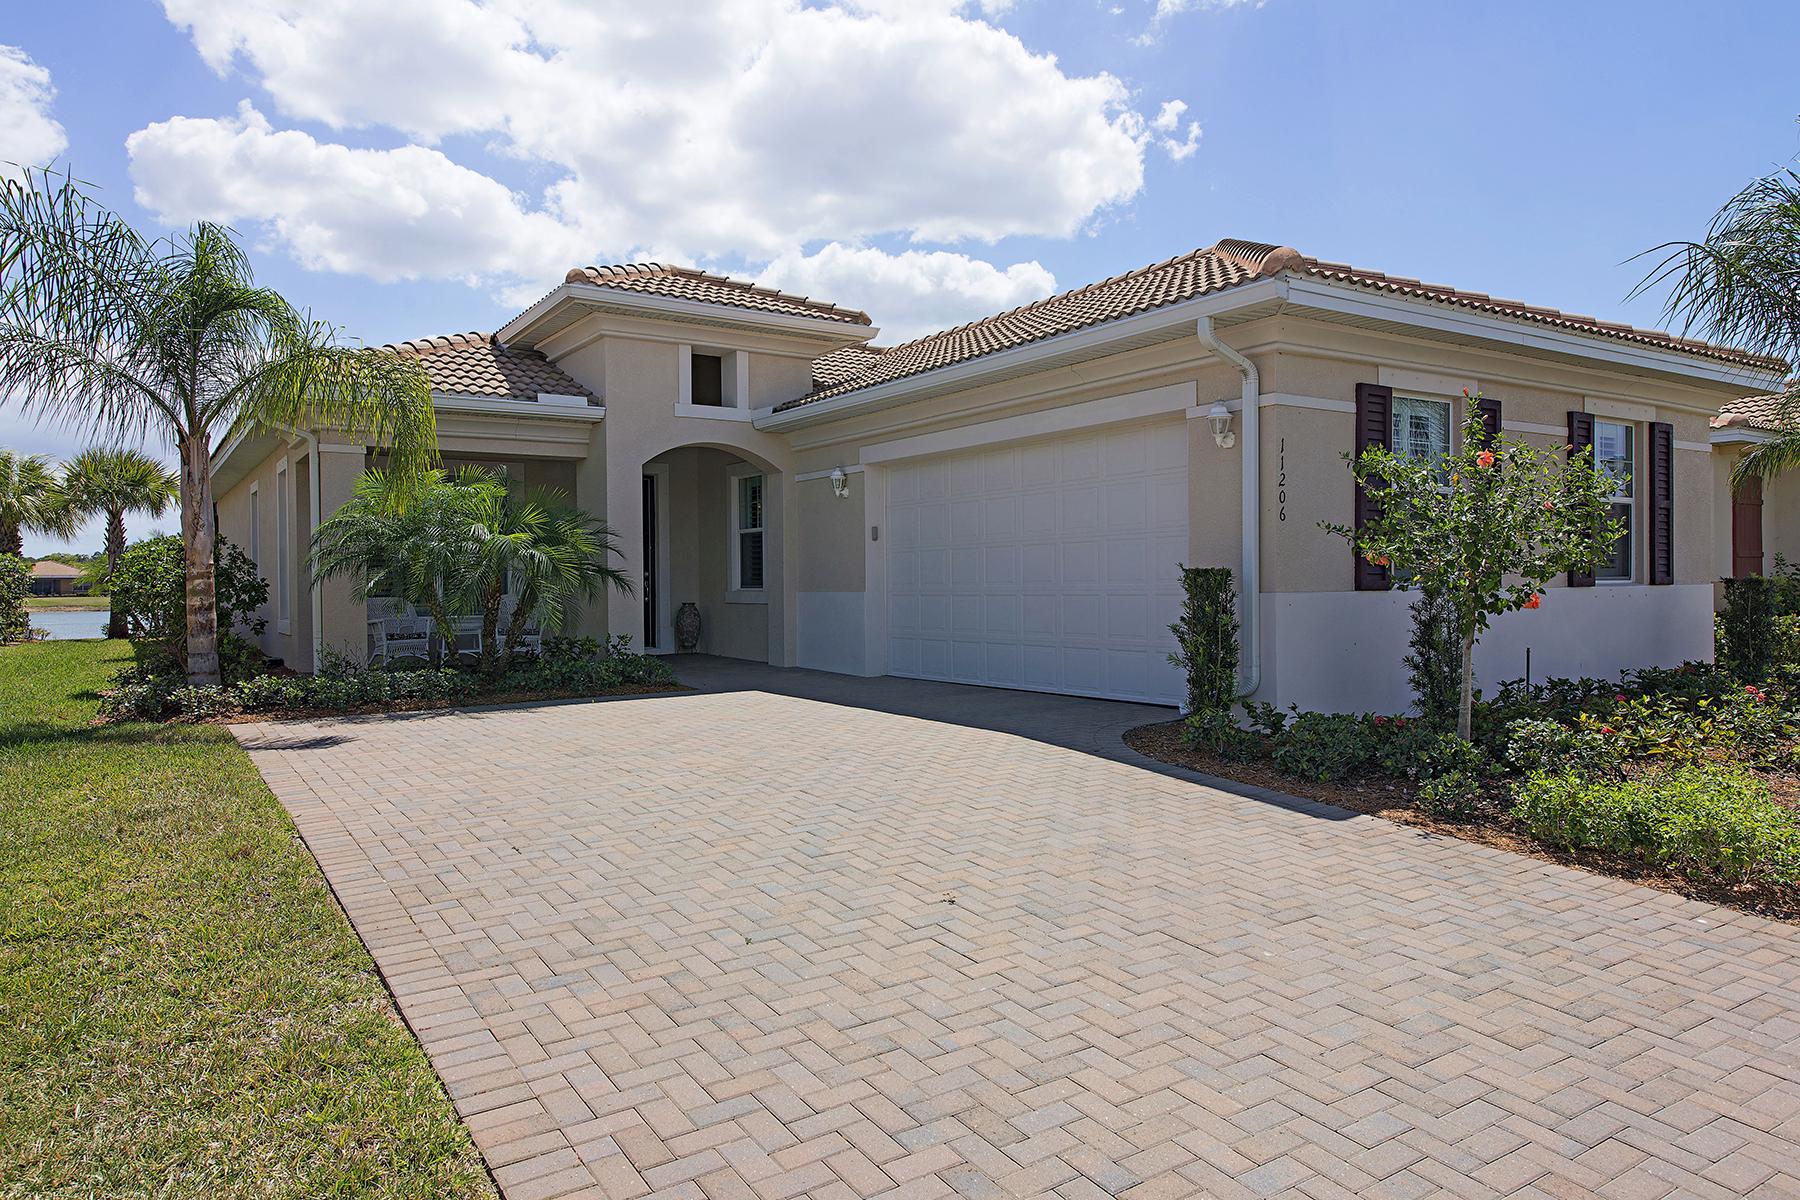 단독 가정 주택 용 매매 에 PELICAN PRESERVE - CARENA 11206 Vitale Way Fort Myers, 플로리다, 33913 미국